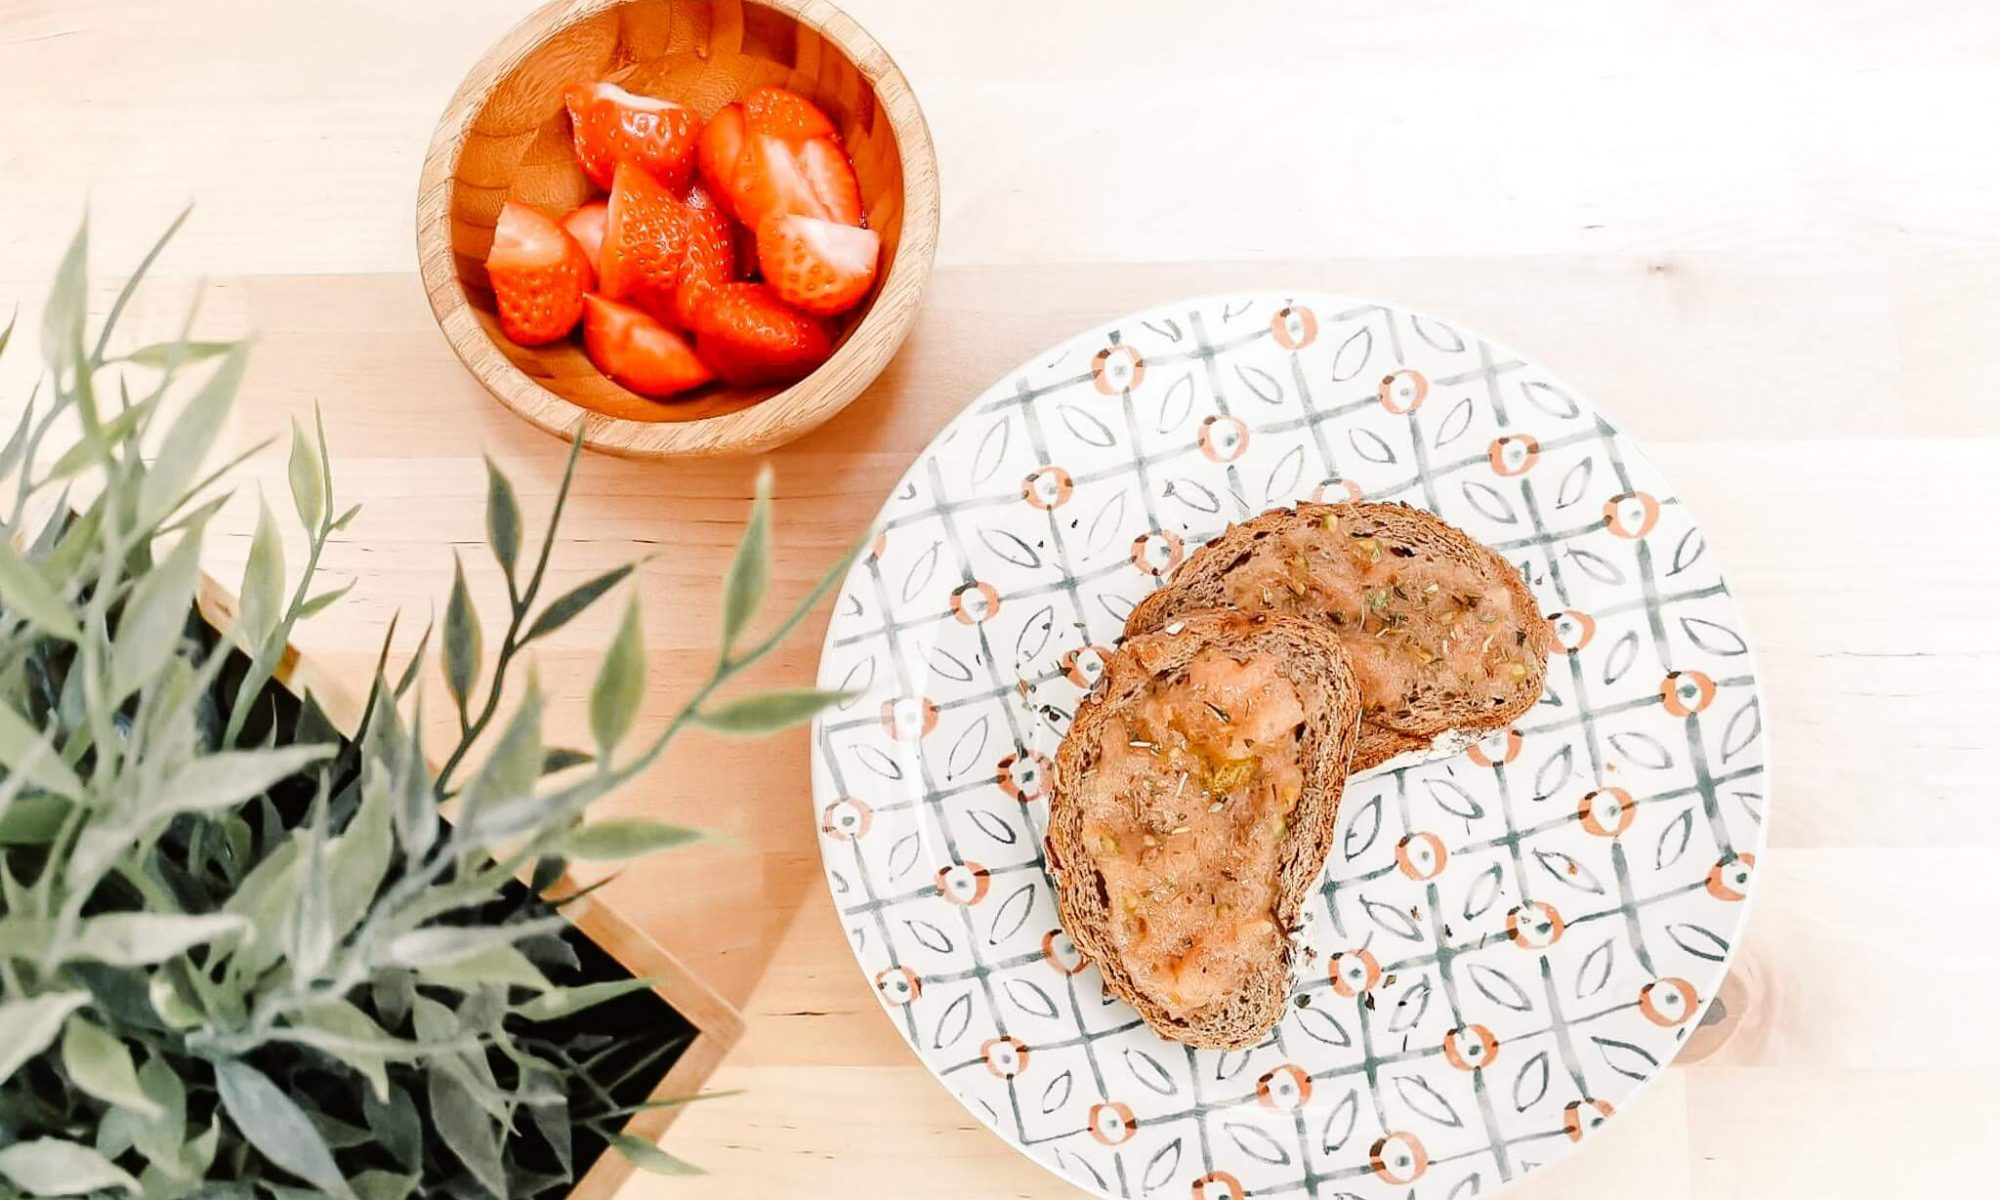 Pão com tomate espanhol © lavidaesmara